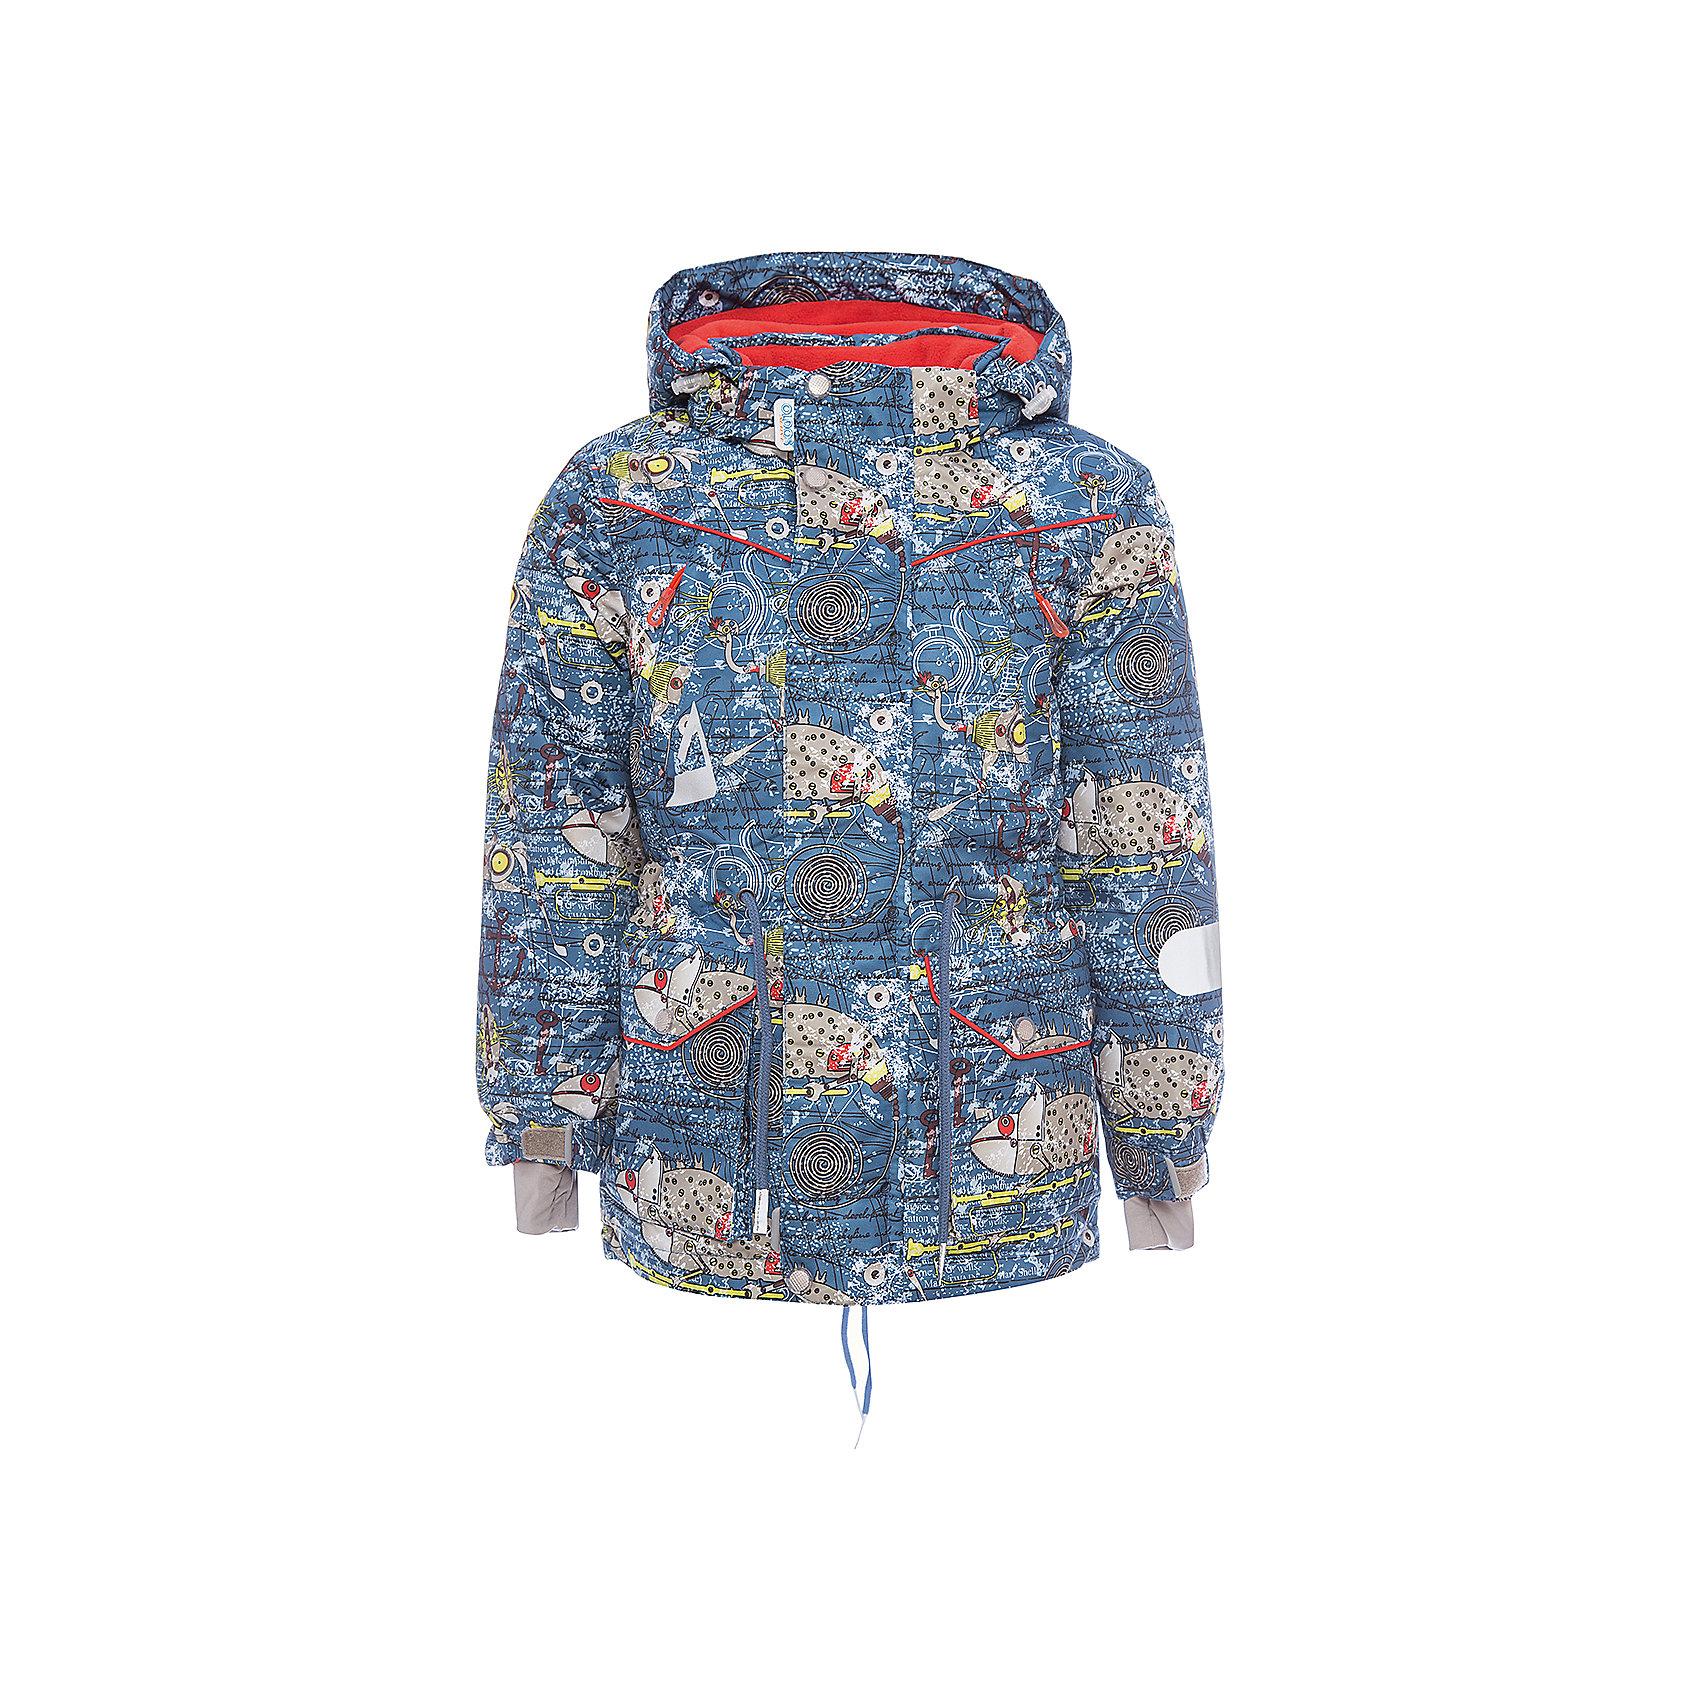 Куртка Эдгар OLDOS для мальчикаВерхняя одежда<br>Характеристики товара:<br><br>• цвет: голубой<br>• состав ткани: полиэстер, Teflon<br>• подкладка: флис<br>• утеплитель: Hollofan pro<br>• сезон: зима<br>• мембранное покрытие<br>• температурный режим: от -30 до +5<br>• водонепроницаемость: 5000 мм <br>• паропроницаемость: 5000 г/м2<br>• плотность утеплителя: 200 г/м2<br>• застежка: молния<br>• капюшон: без меха, съемный<br>• страна бренда: Россия<br>• страна изготовитель: Россия<br><br>Теплая куртка для мальчика дополнена элементами, помогающими подогнать её размер под ребенка. Детская зимняя куртка создана с применением мембранной технологии, она рассчитана даже на сильные морозы. Детская куртка от бренда Oldos теплая и легкая. <br><br>Куртку Эдгар Oldos (Олдос) для мальчика можно купить в нашем интернет-магазине.<br><br>Ширина мм: 356<br>Глубина мм: 10<br>Высота мм: 245<br>Вес г: 519<br>Цвет: голубой<br>Возраст от месяцев: 84<br>Возраст до месяцев: 96<br>Пол: Мужской<br>Возраст: Детский<br>Размер: 128,98,104,110,116,122<br>SKU: 7015614